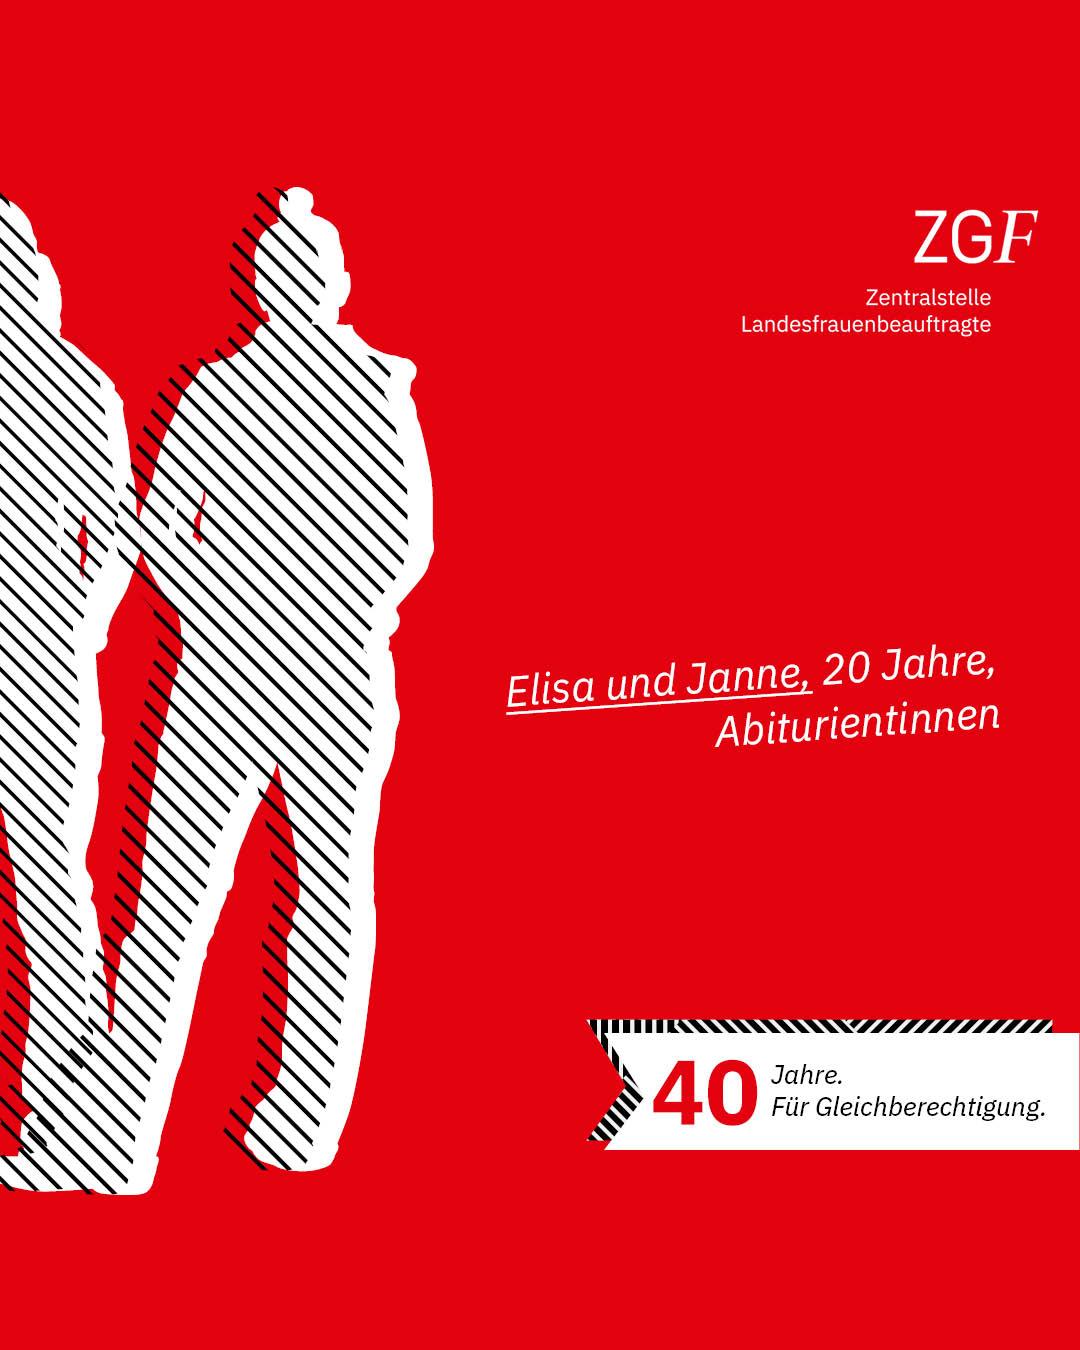 Statement 40 Jahre Gleichberechtigung, Elisa und Janne, Abiturientinnen